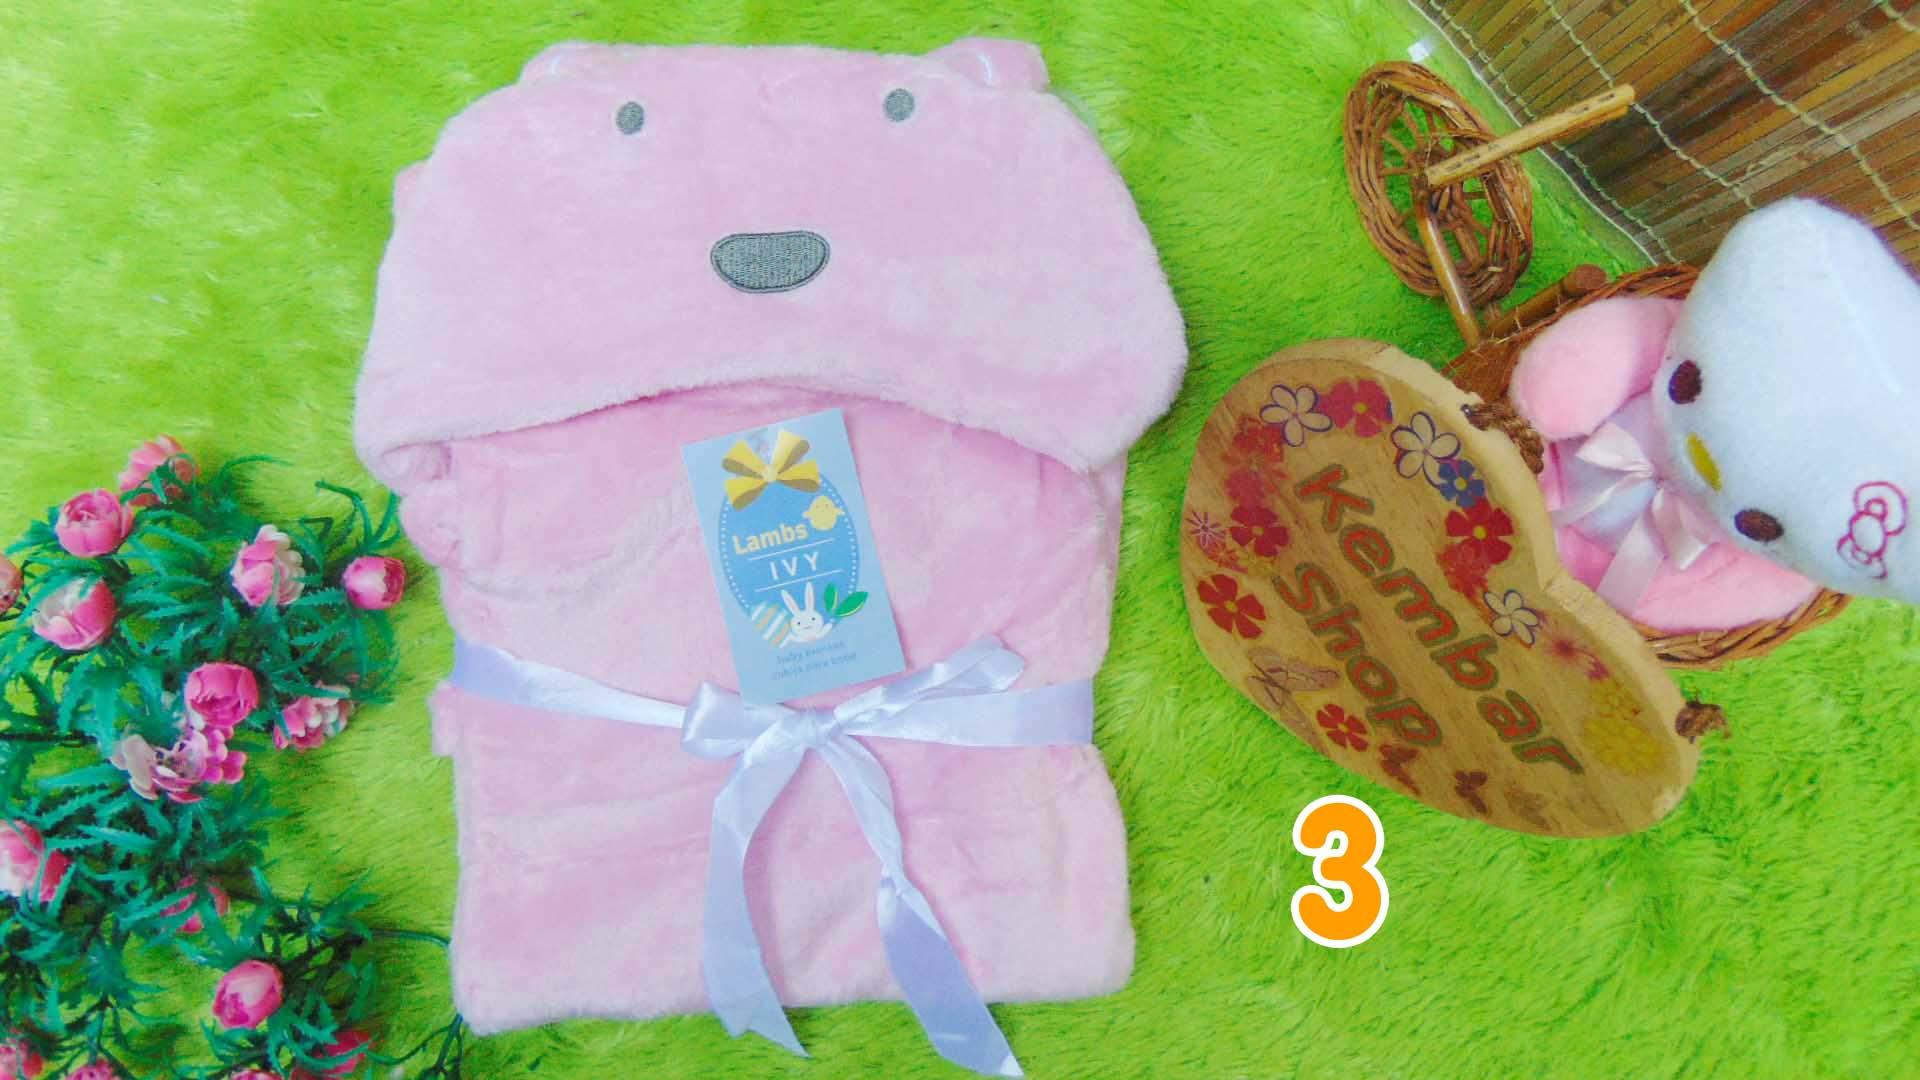 kado bayi selimut topi bulu carter double fleece animal karakter motif baby cewek perempuan (3)